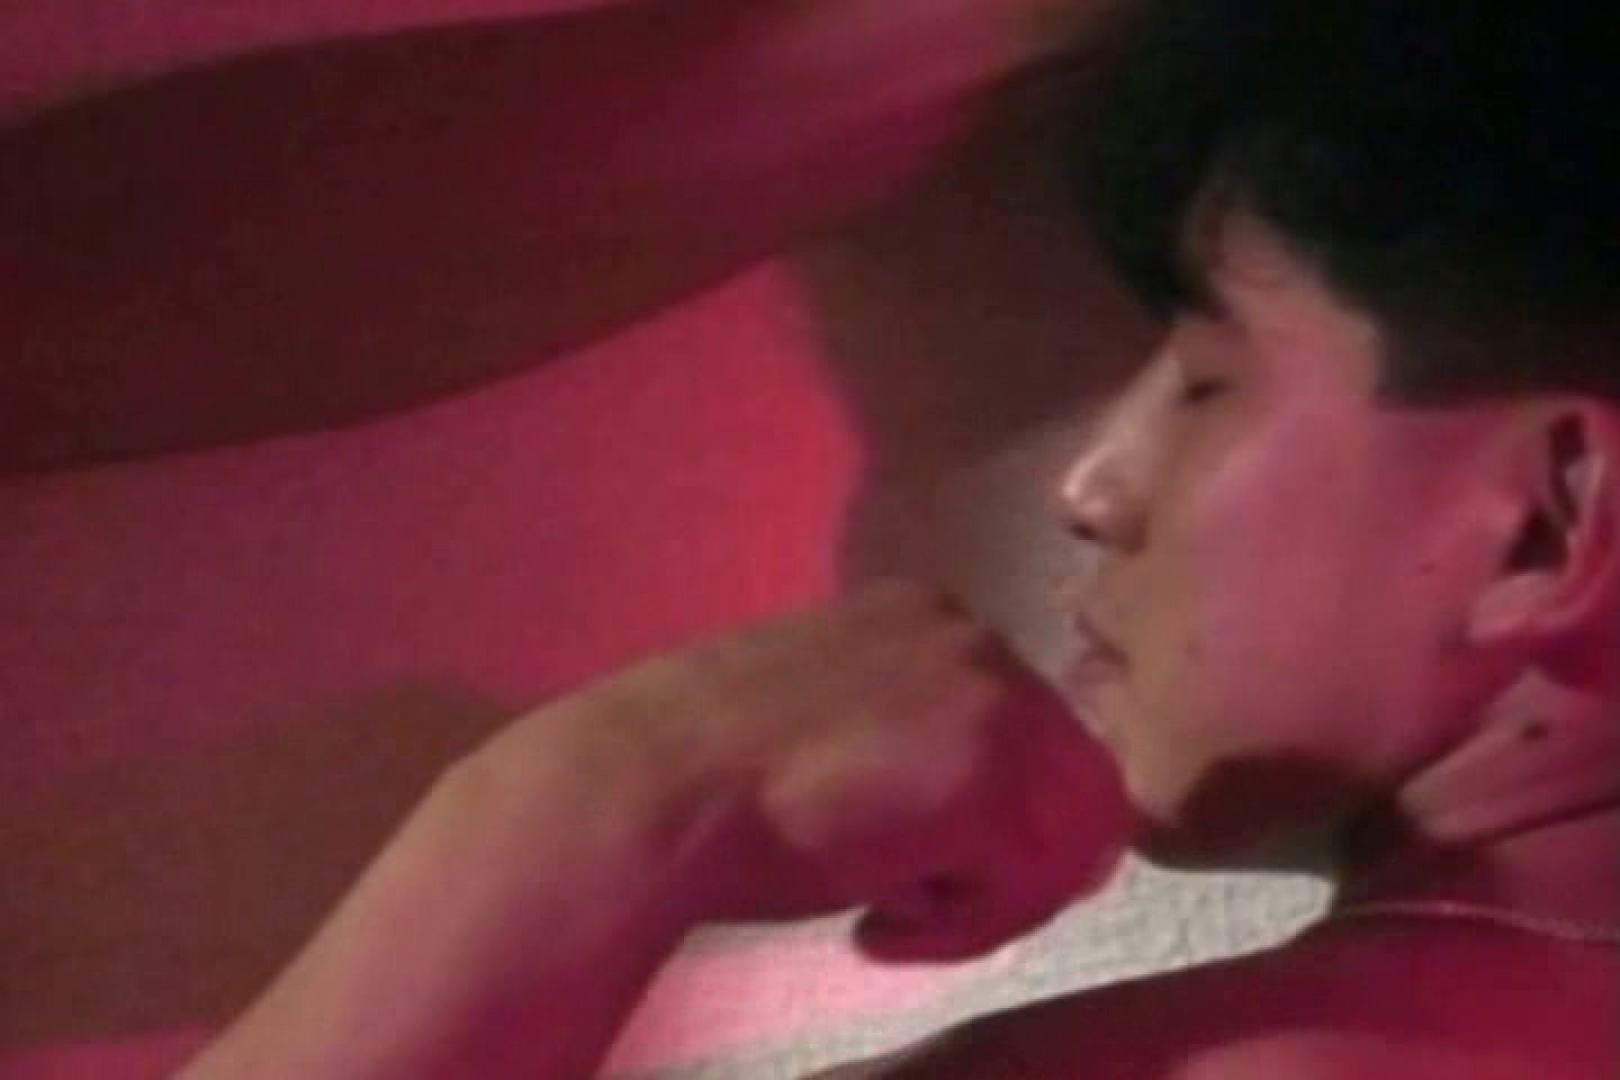 往年の名作 あの頃は若かった!Vol.05 イケメン   オナニー ケツマンスケベ画像 10連発 3